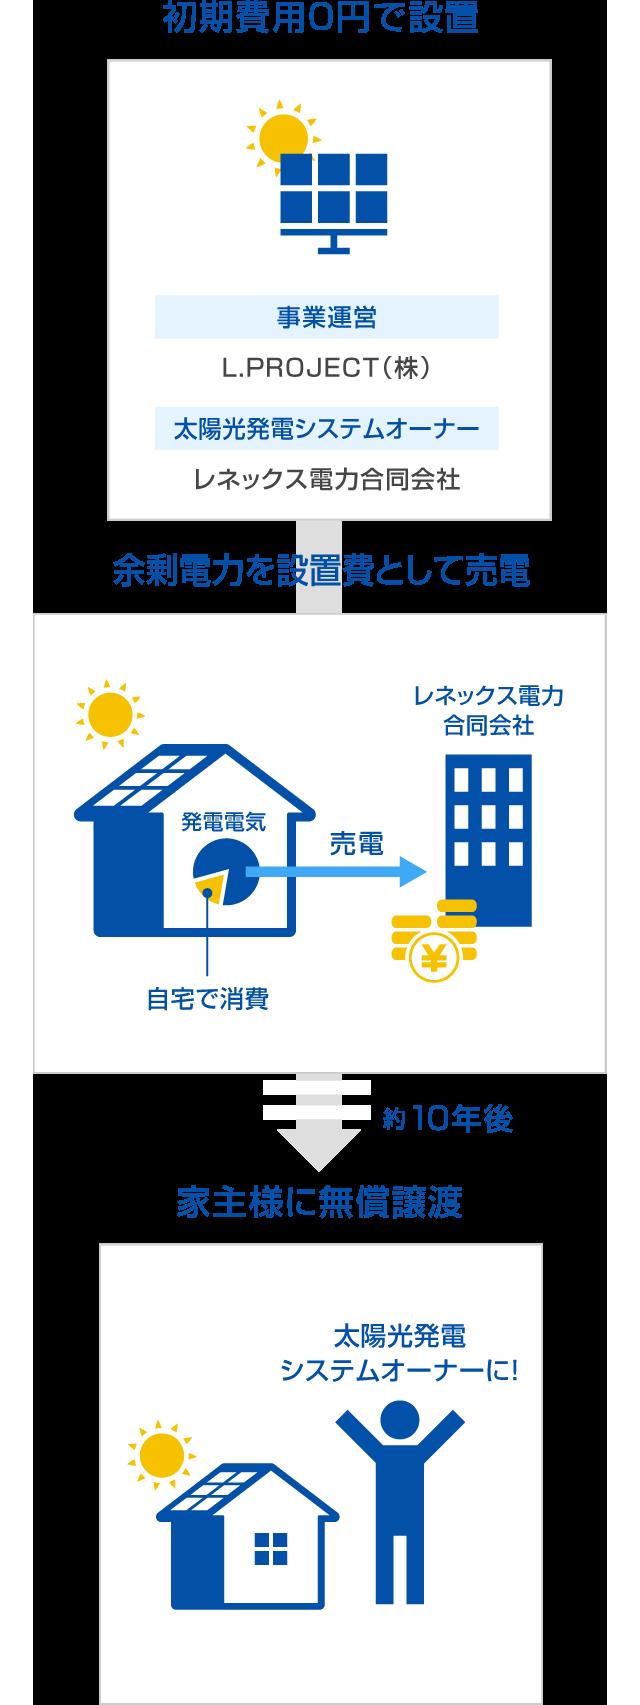 発電した電気のうち、自宅で消費した電気[消費電力]は電気料金として、レネックス電力へ月々お支払い。余って電力会社に売る電気[余剰電力]は、電力会社が買取りレネックス電力に支払われる。